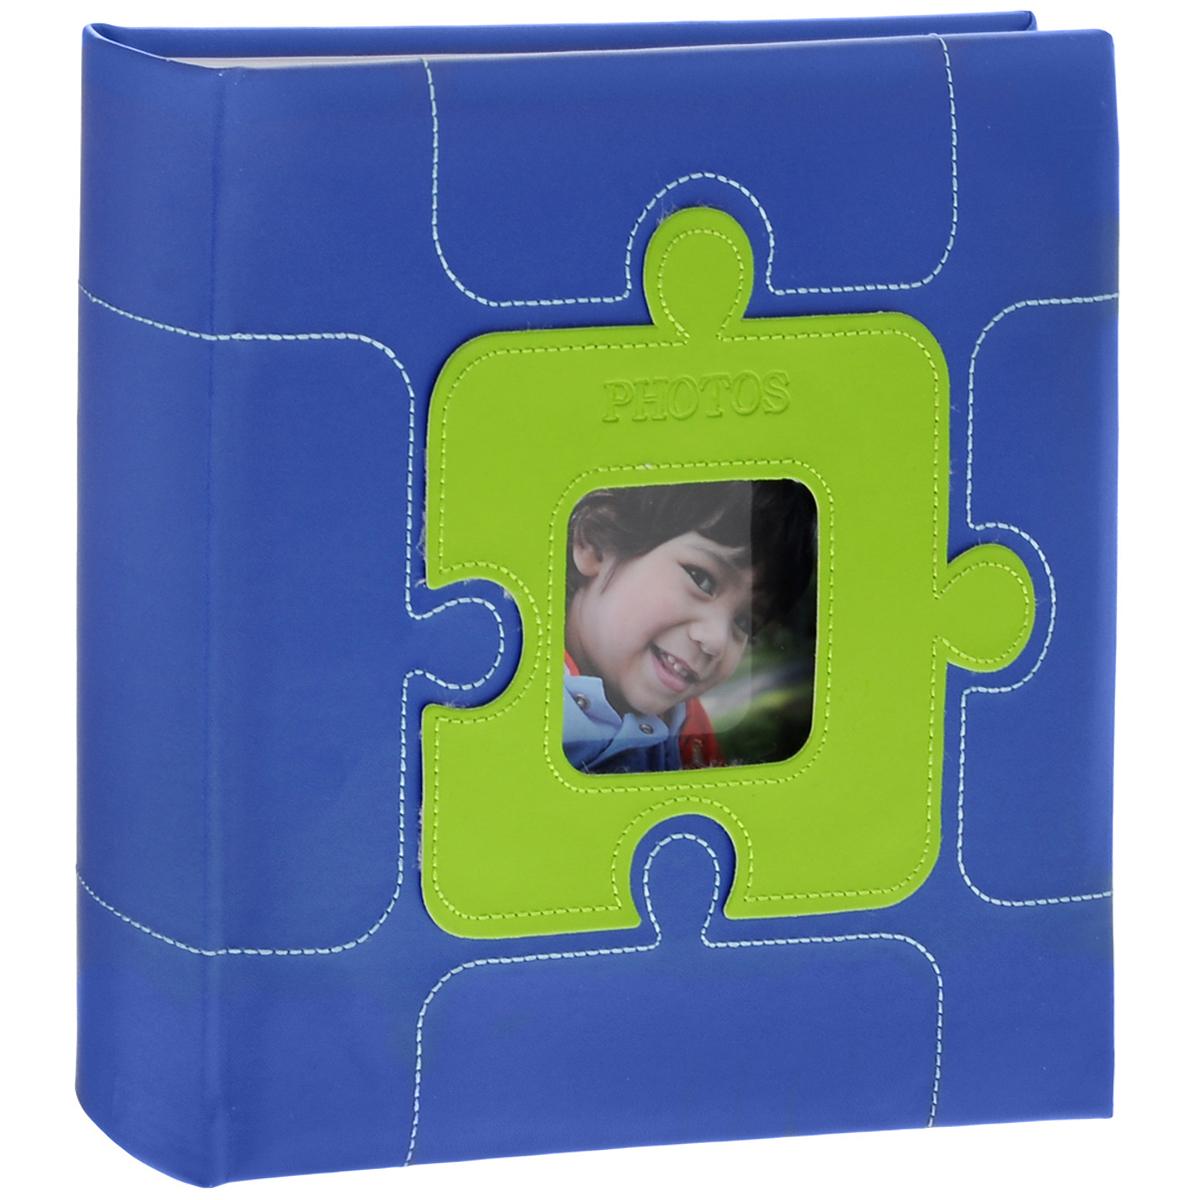 Фотоальбом Image Art, цвет: синий, 200 фотографий, 10 х 15 см5055283030591Фотоальбом Image Art поможет красиво оформить ваши самые интересные фотографии. Обложка выполнена из толстого картона, обтянутого искусственной кожей. С лицевой стороны обложки имеется квадратное окошко для вашей самой любимой фотографии. Внутри содержится блок из 50 двусторонних листов с фиксаторами-окошками из полипропилена. Альбом рассчитан на 200 фотографий формата 10 см х 15 см. Для фотографий предусмотрено поле для записей. Переплет - книжный.Всегда так приятно вспоминать о самых счастливых моментах жизни, запечатленных на фотографиях. Поэтому фотоальбом является универсальным подарком к любому празднику.Количество листов: 50.Размер фотографии: 10 см х 15 см. Размер фотоальбома: 22 см х 22 см.